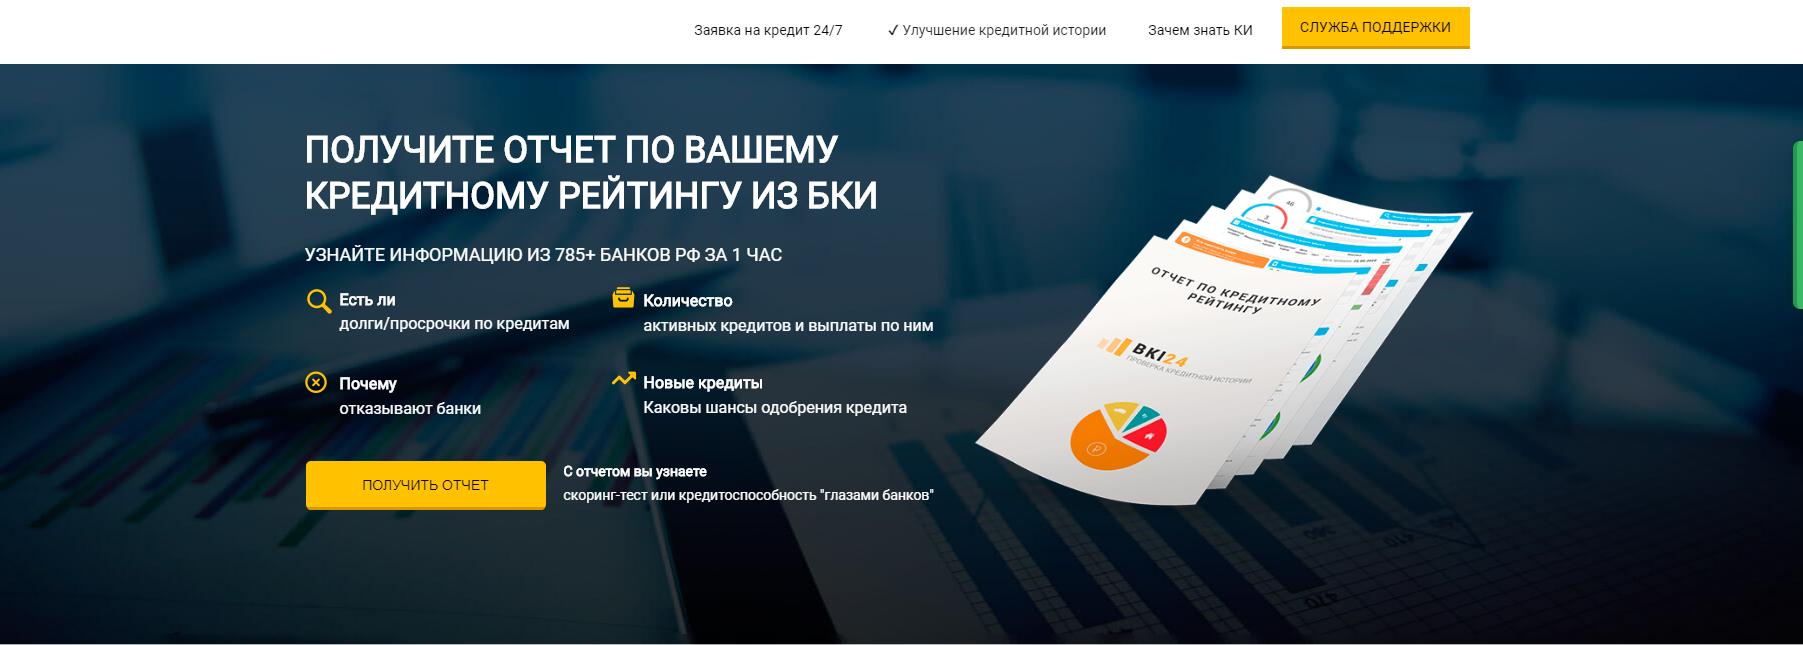 kak-uznat-kreditnuyu-istoriyu-besplatno-po-familii_5